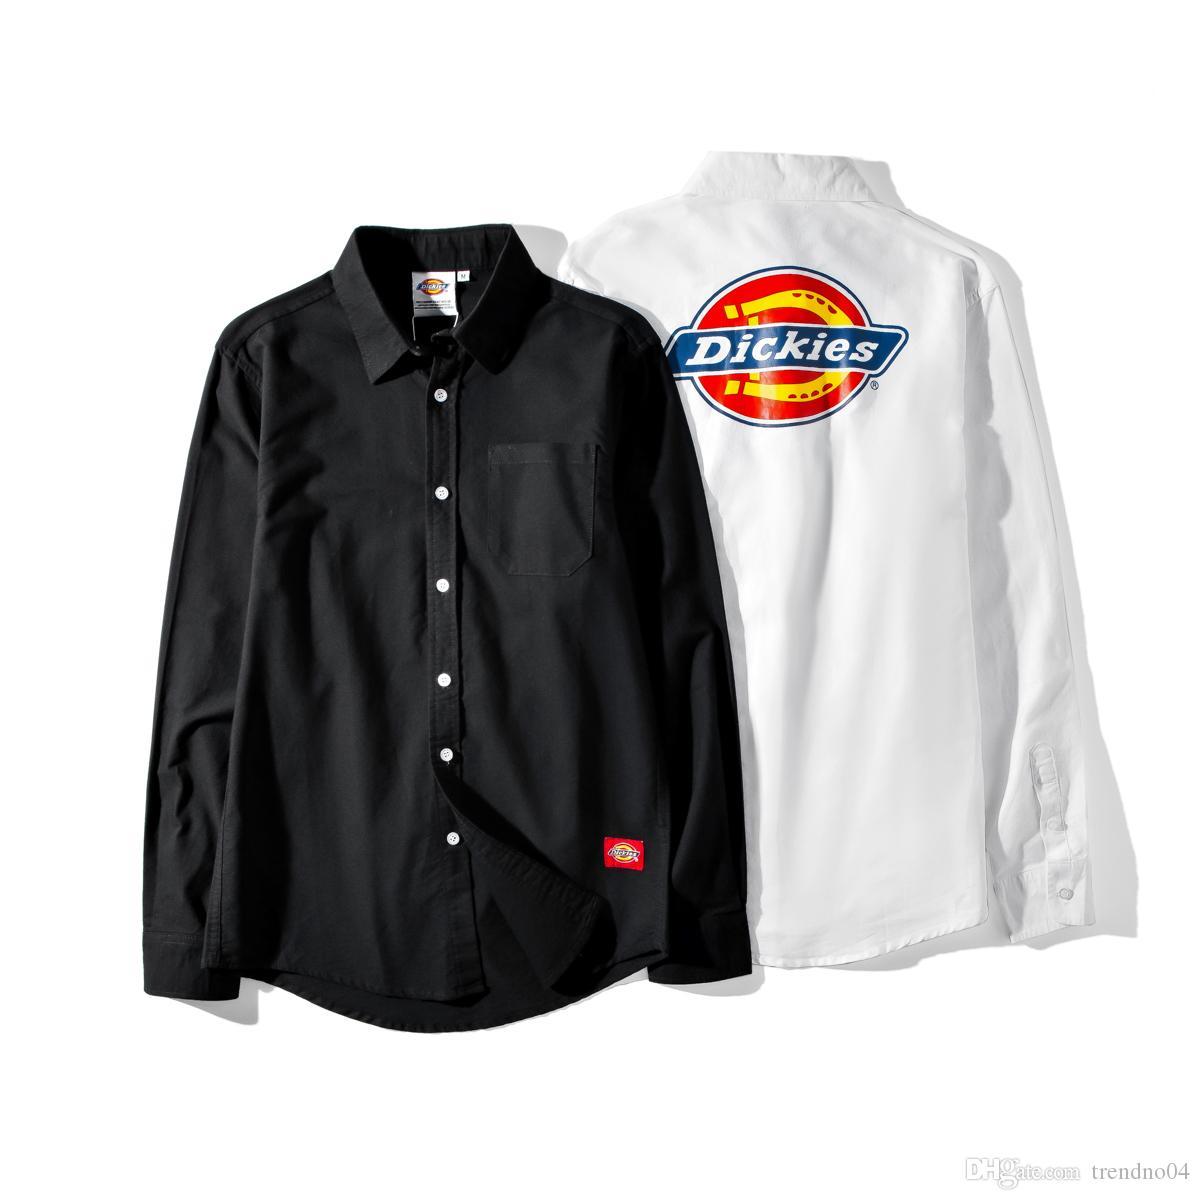 2020 / pecheras de diseño camisas de los hombres de los zapatos de lujo de aire de diseño italiano de la moda salvaje camisa clásica más vendido camisa boutique de alta calidad